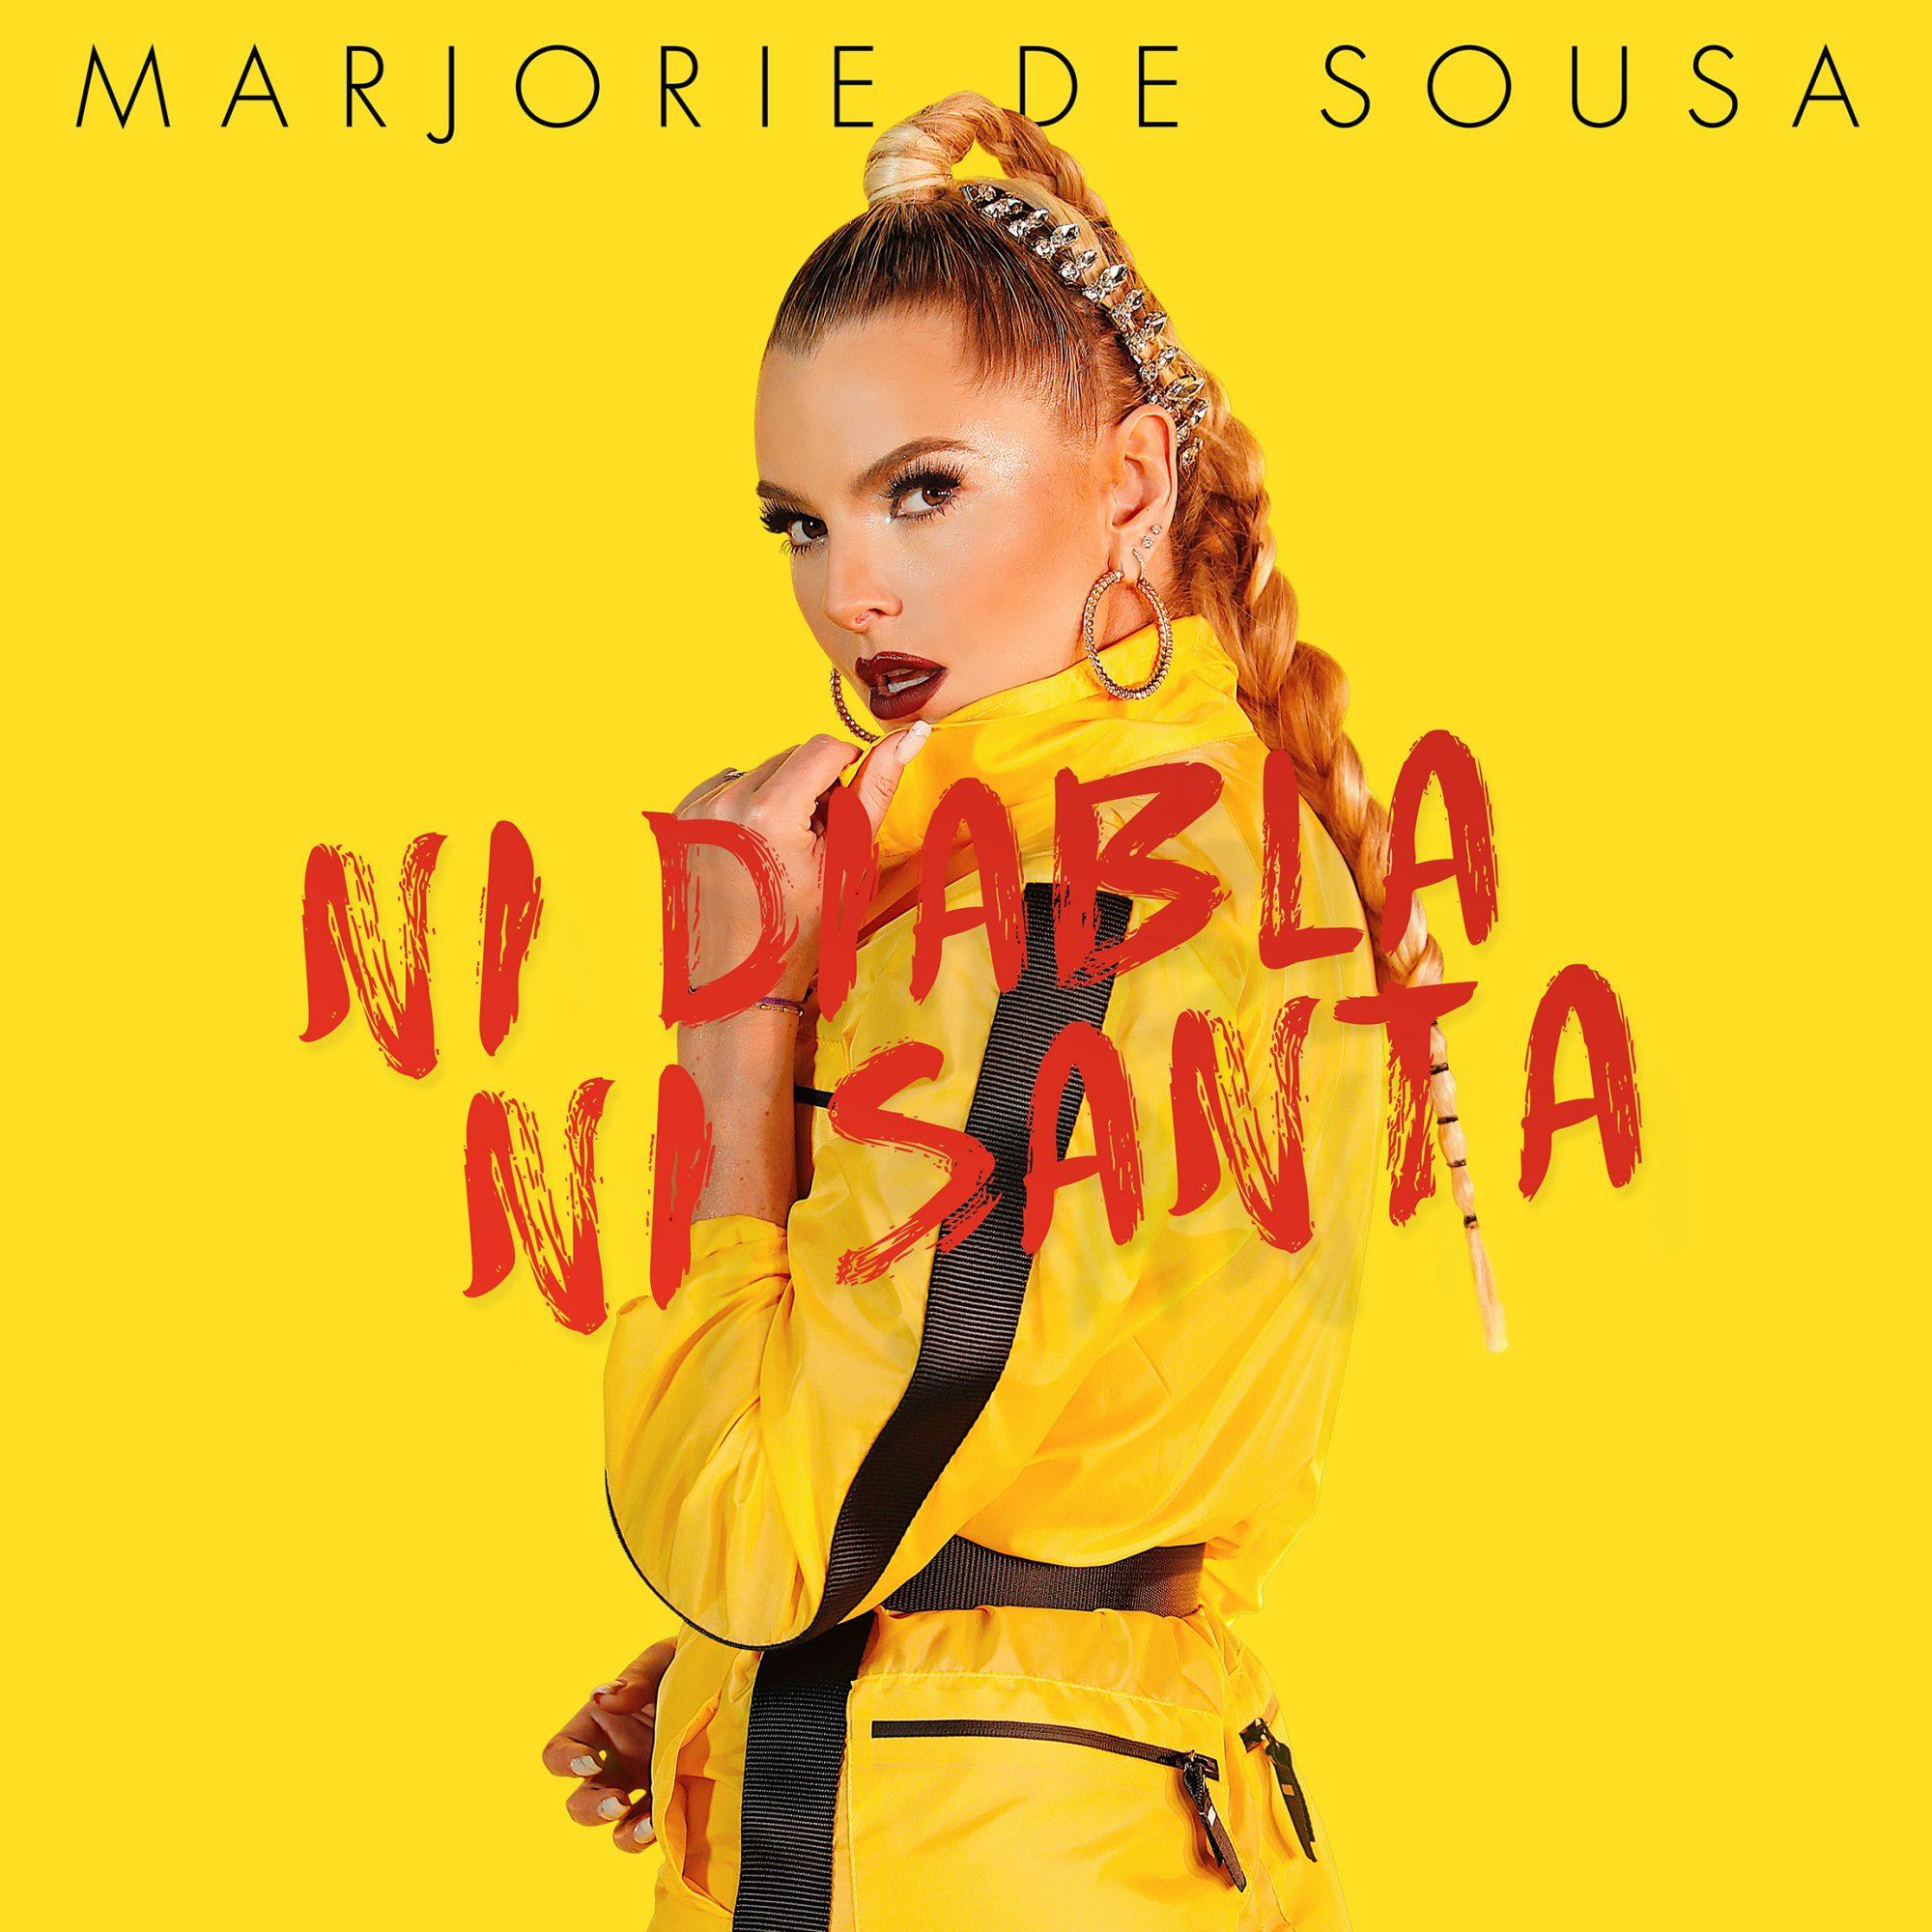 Marjorie de Sousa - Ni Diabla Ni Santa ALBUM COVER